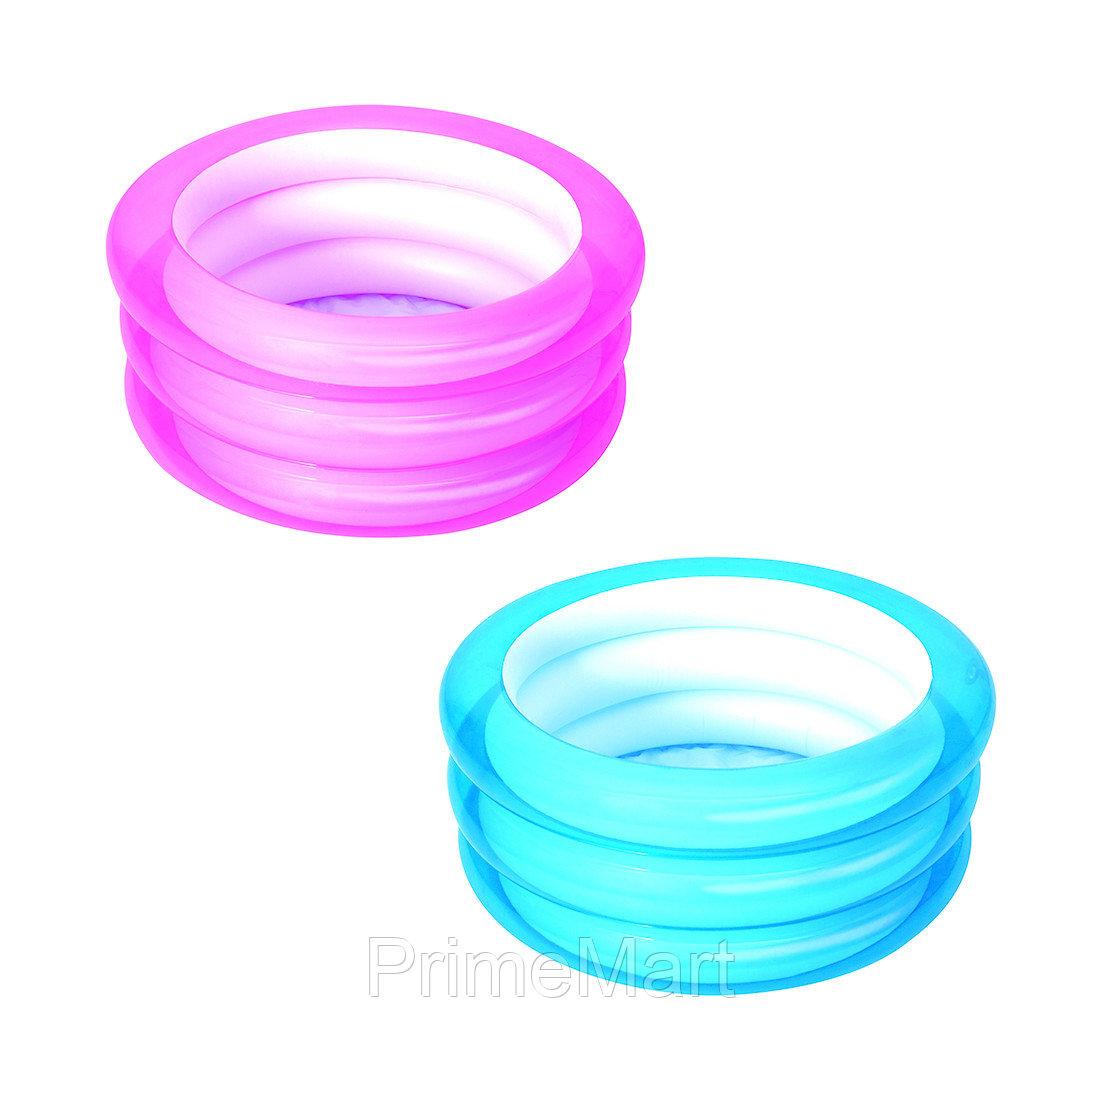 Детский надувной бассейн Kiddie Pool 70 х 30 см, BESTWAY, 51033, Винил, 43л., 2+, Голубой/розовый цвет в ассортименте, Пакет